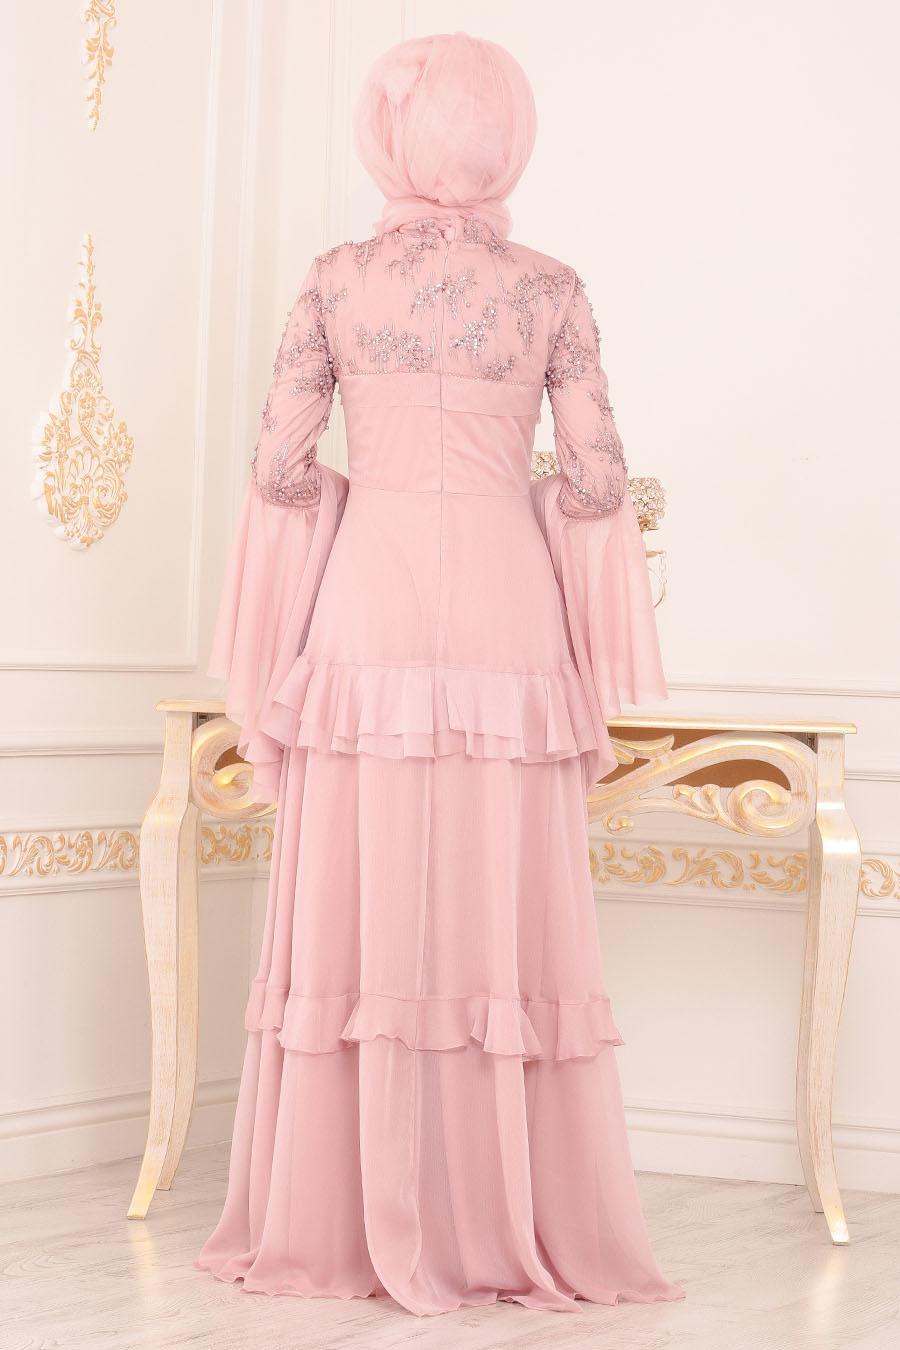 Tesettürlü Abiye Elbise - Boncuk Detaylı Pudra Tesettürlü Abiye 190501PD